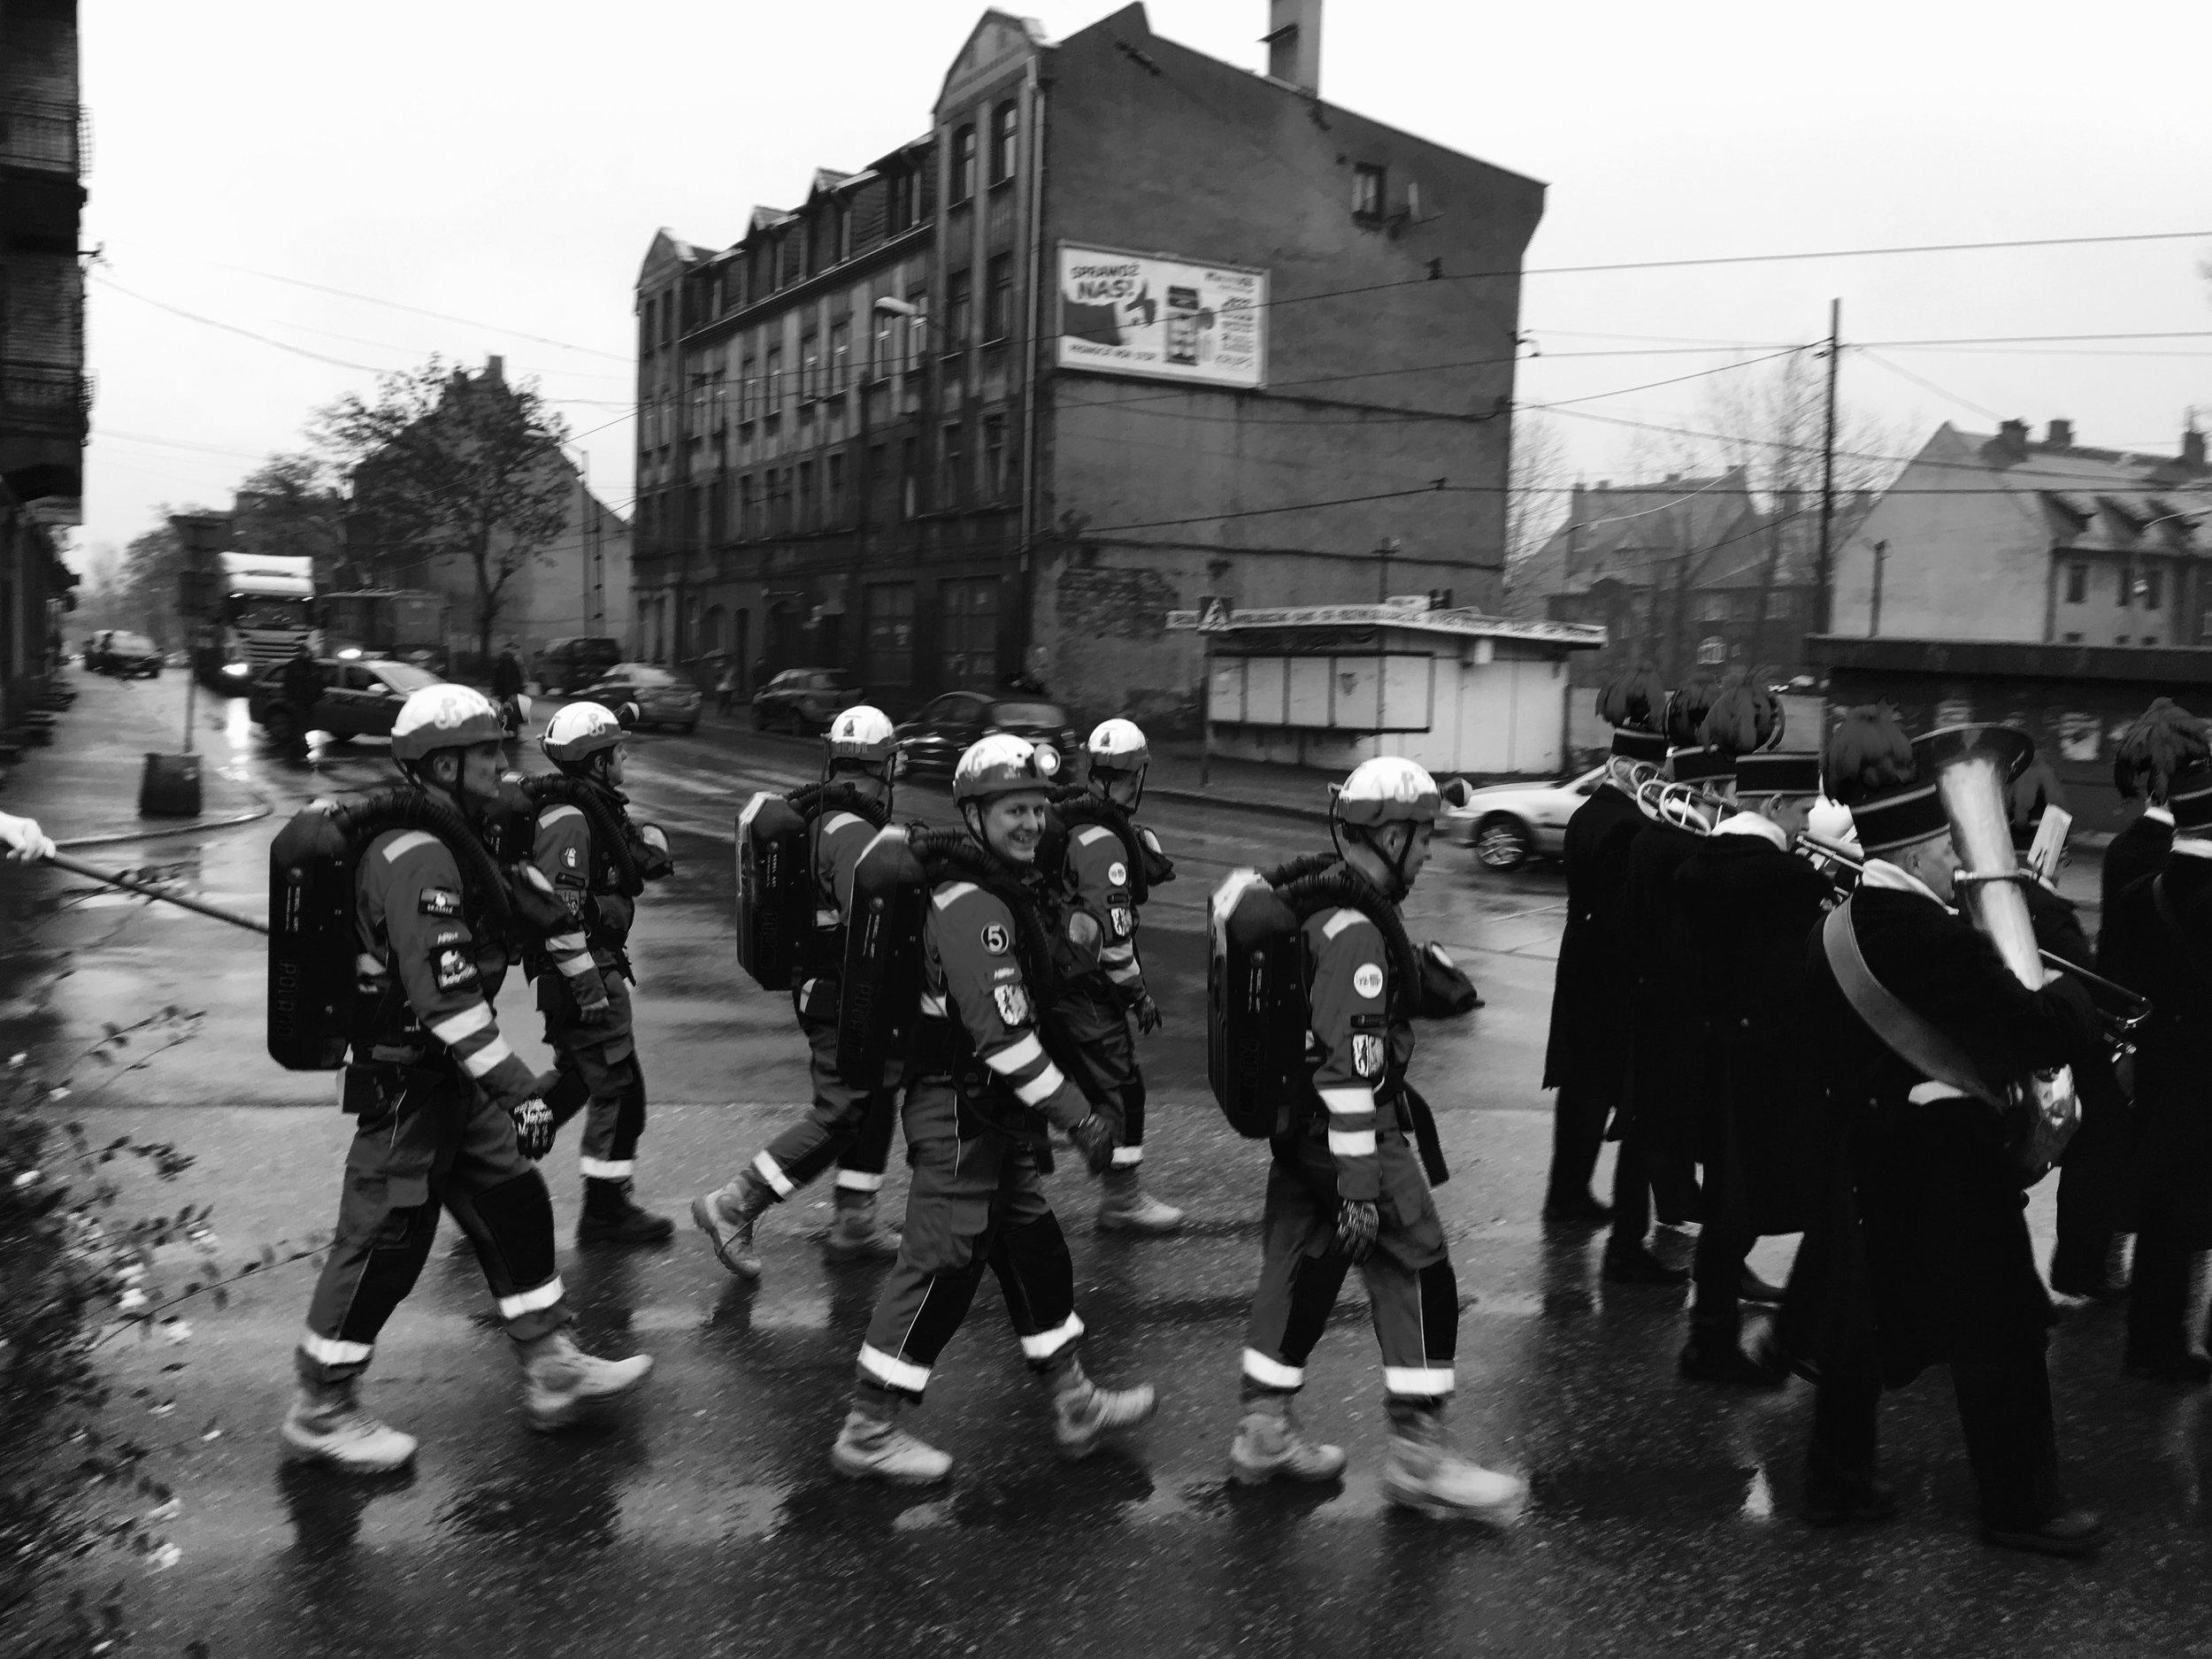 Le 4 décembre 2019, des mineurs de charbon lors d'un défilé en l'honneur de Sainte-Barbe, la sainte protectrice des mineurs de charbon près de la ville de Bytom.